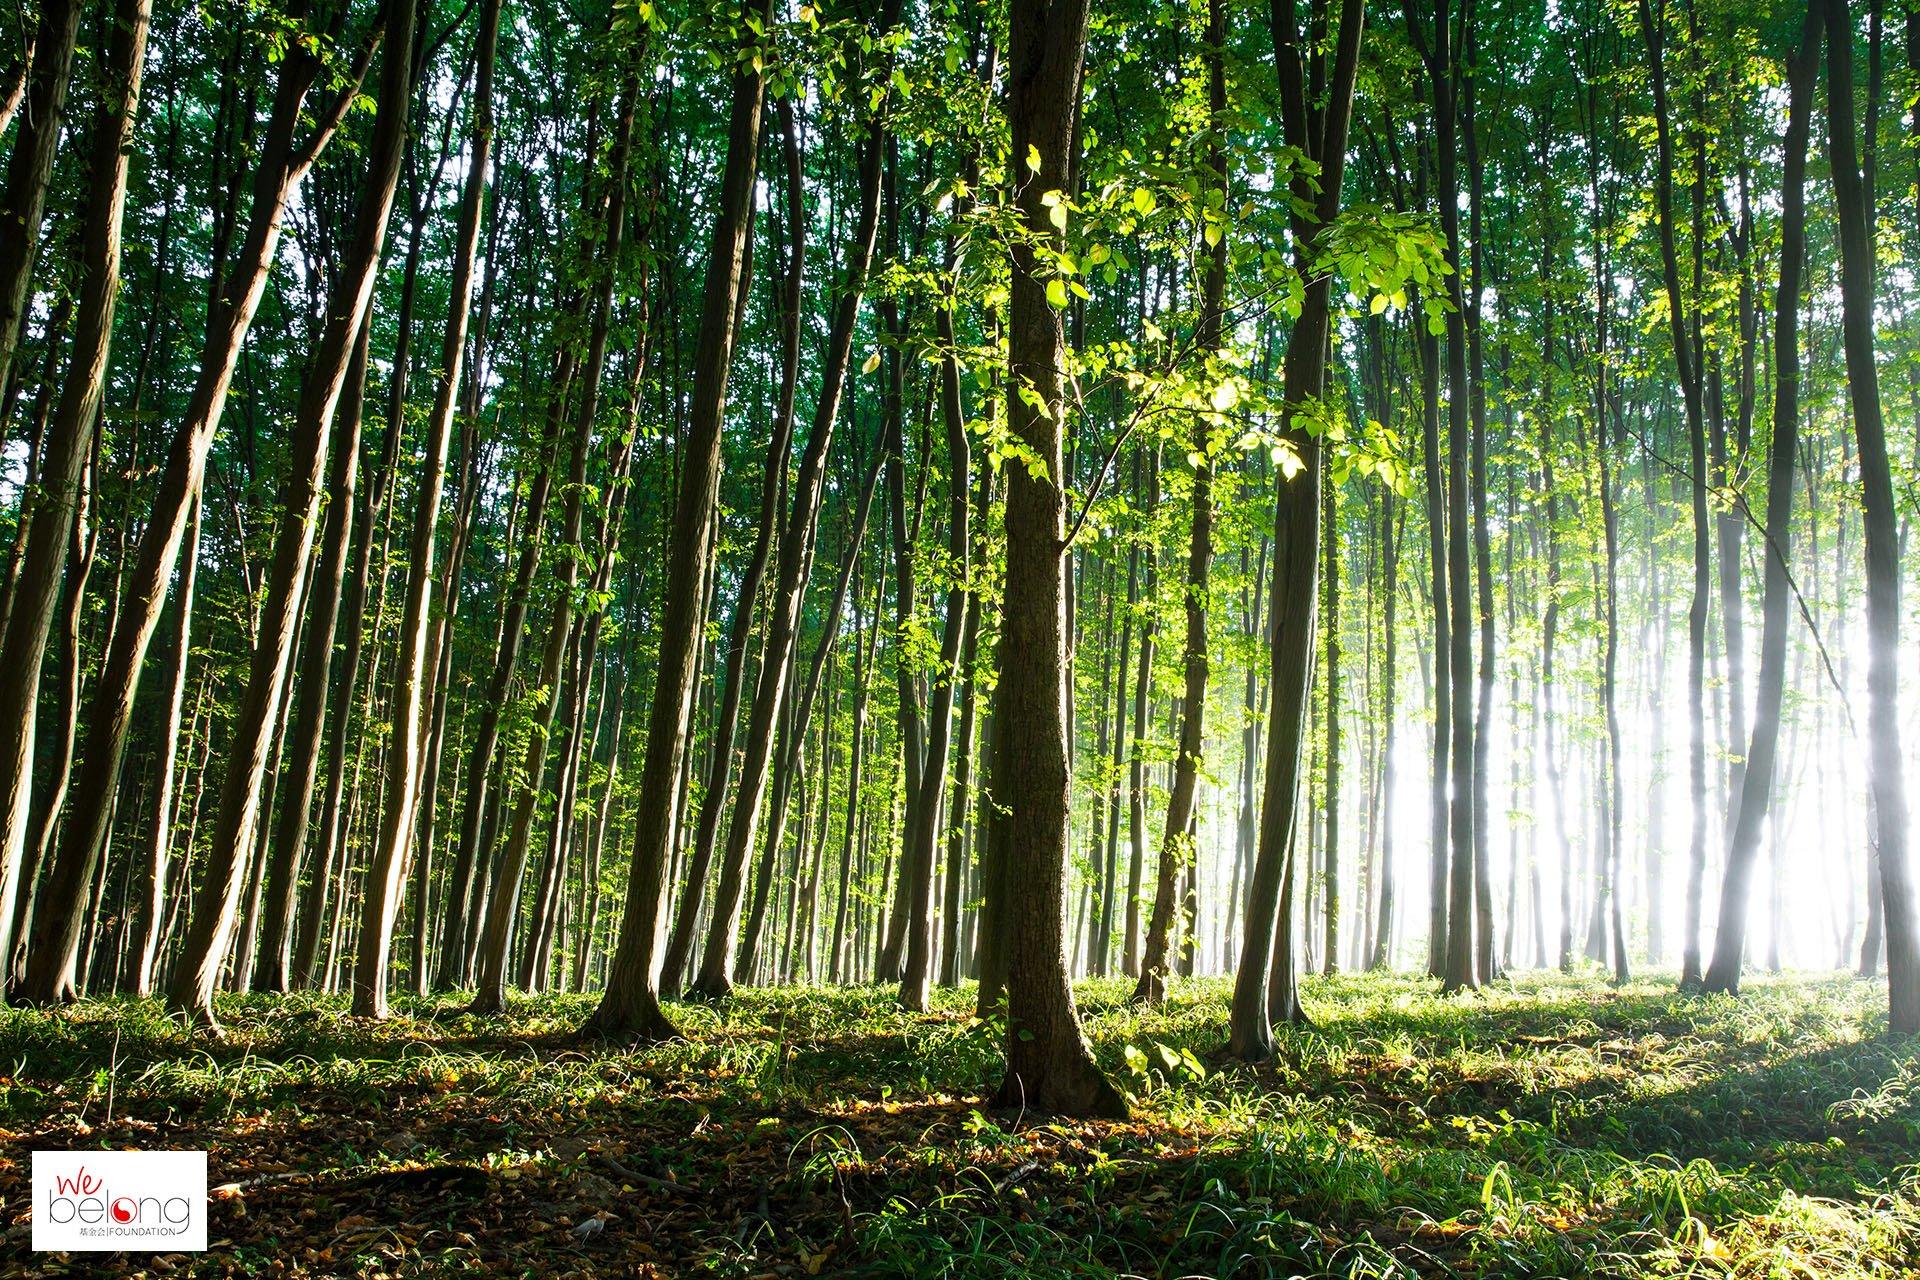 WeBop s'est vu confier la mission de refondre le site internet de WeBelong, fondation dédiée à l'environnement.